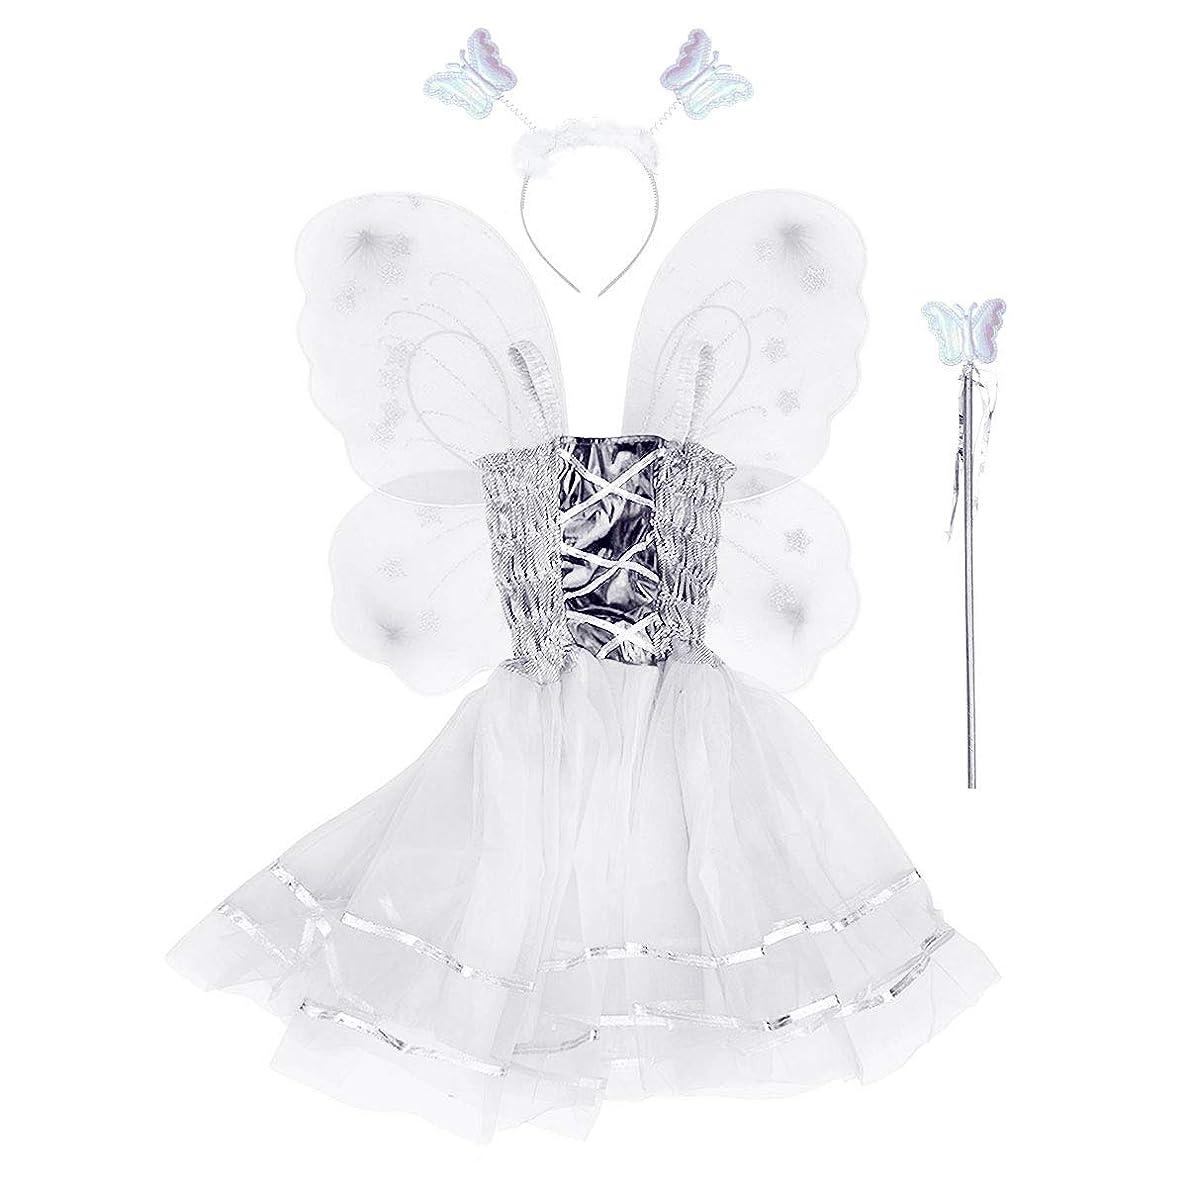 スタンドレパートリーファランクスBESTOYARD 4本の女の子バタフライプリンセス妖精のコスチュームセット蝶の羽、ワンド、ヘッドバンドとツツードレス(ホワイト)